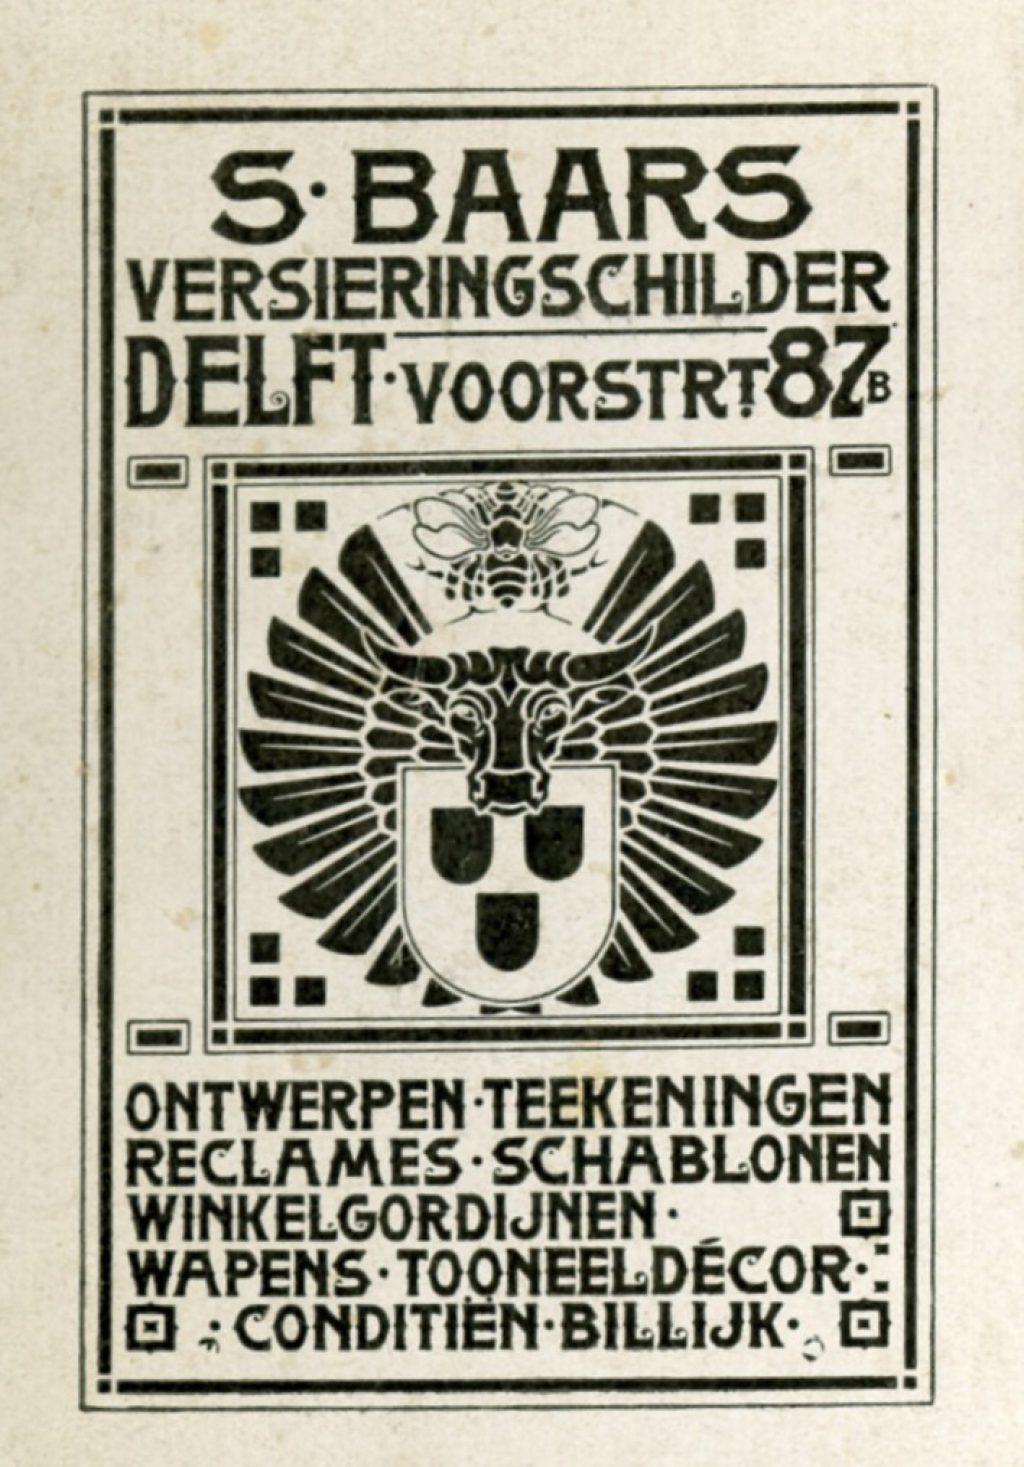 Advertentie voor versieringschilder Sipke Baars, ca. 1920 (TMS 121255)